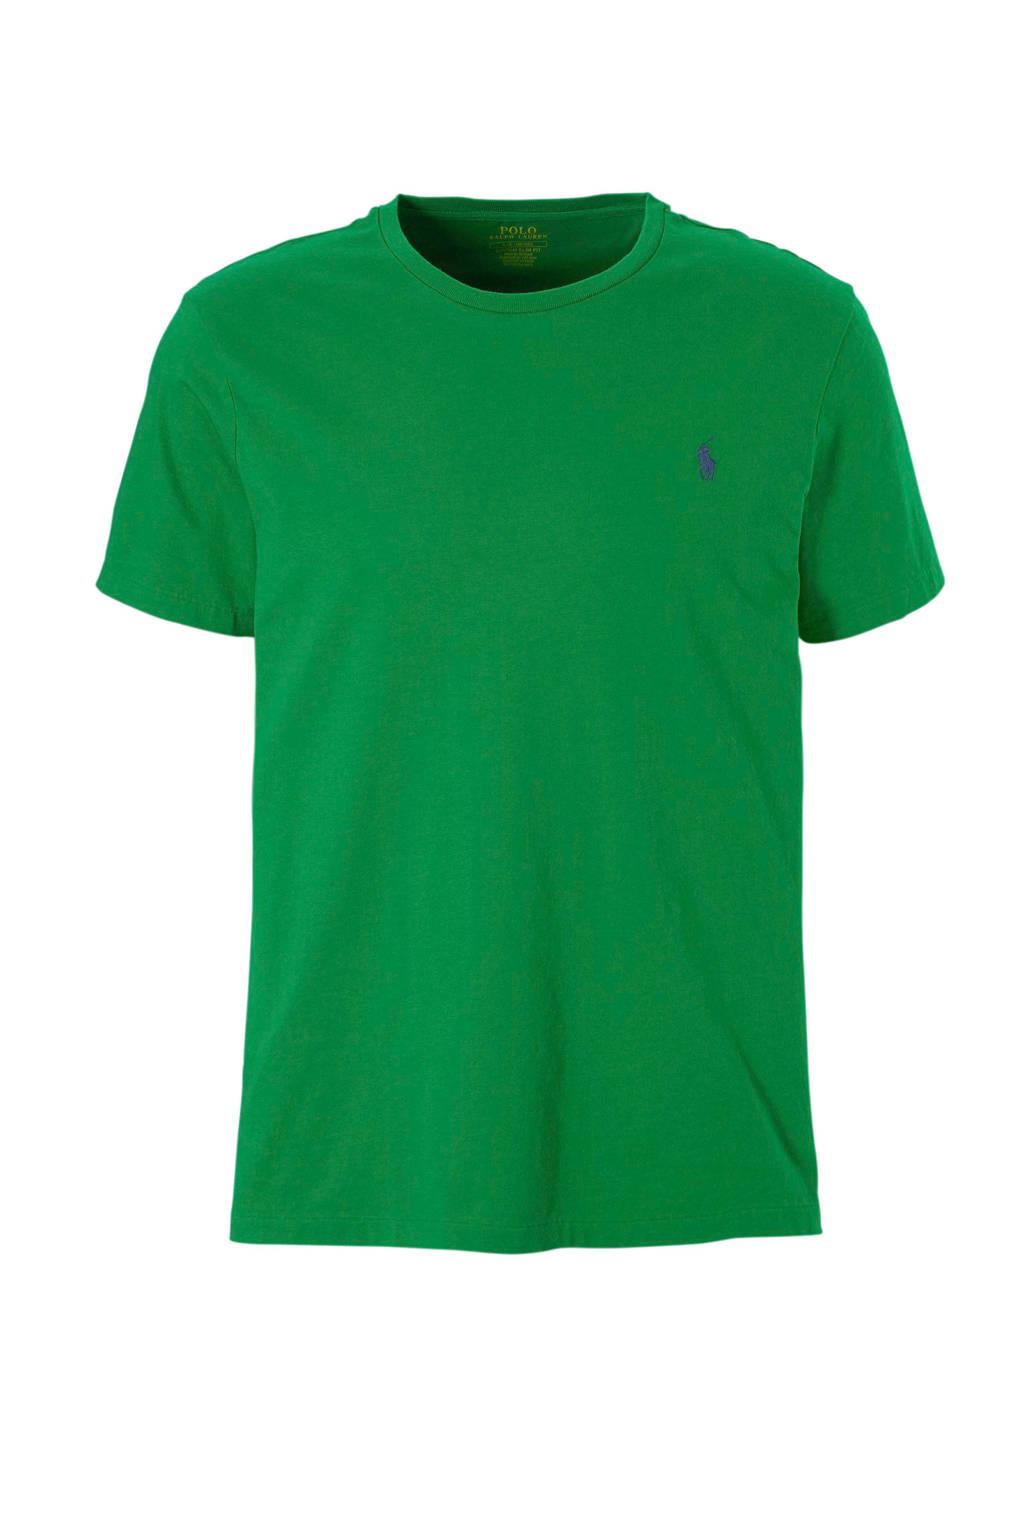 POLO Ralph Lauren slim fit T-shirt, Groen